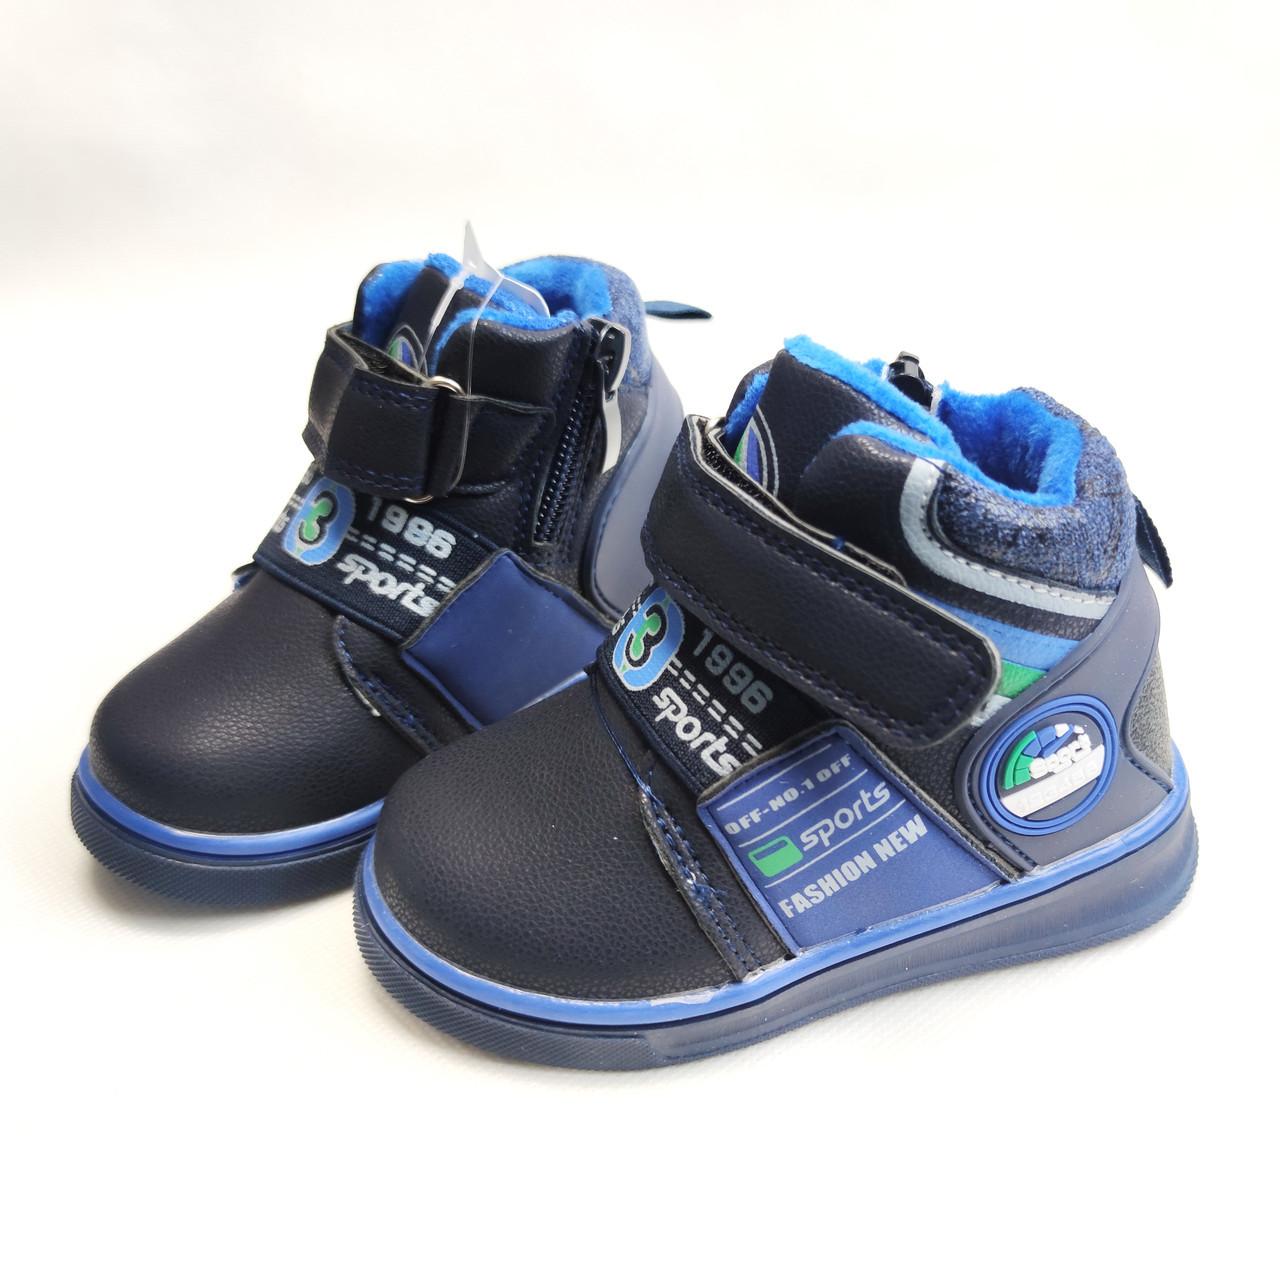 Детские демисезонные ботинки для мальчика синие BBT 23р 14см